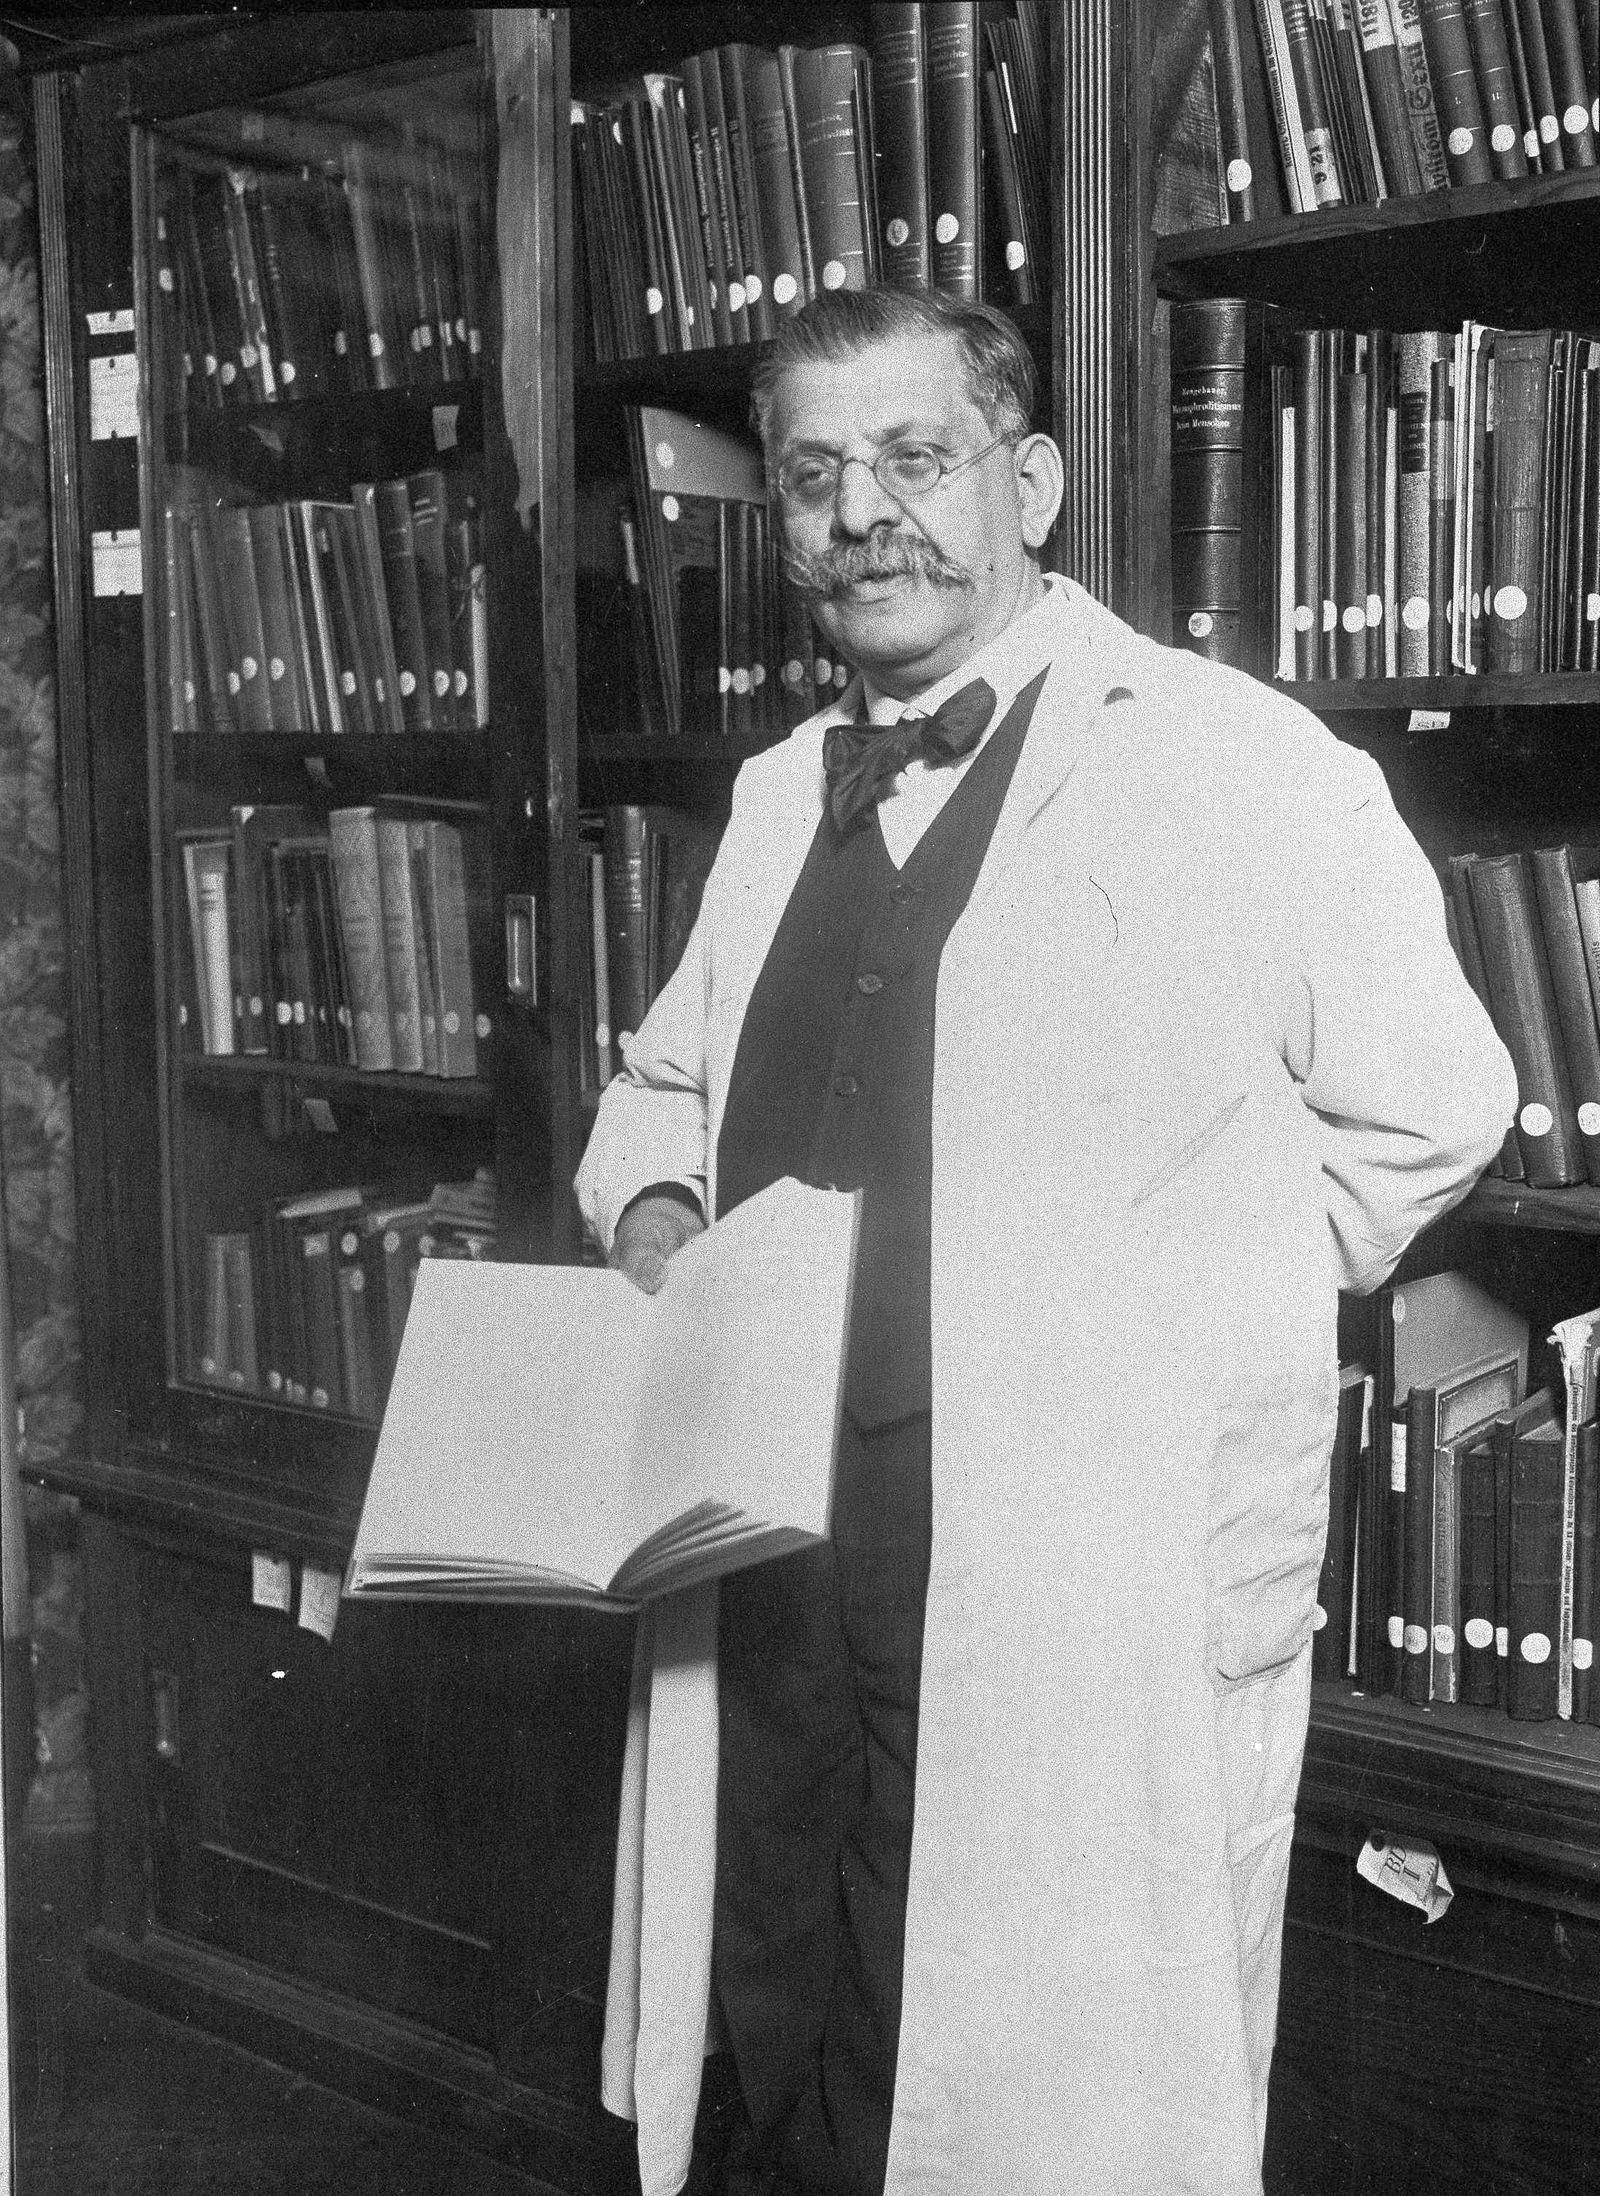 Dr. Magnus Hirschfeld